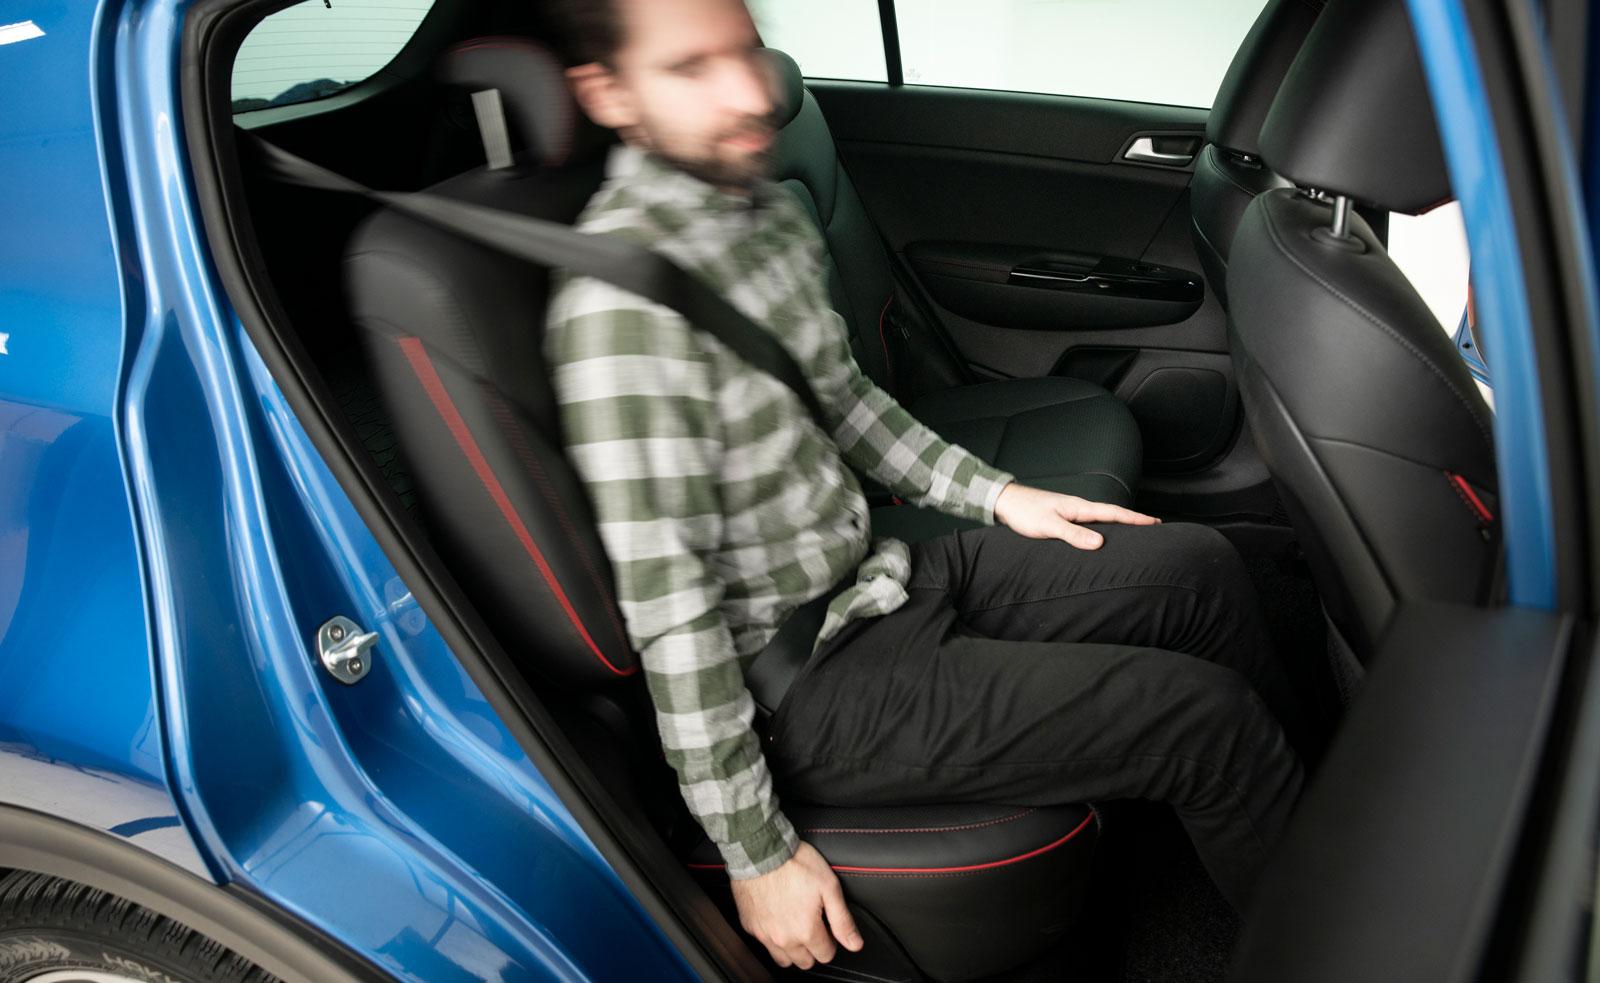 Kia – vinklingsbart ryggstöd i baksätet. Finns även i Honda och Ford.